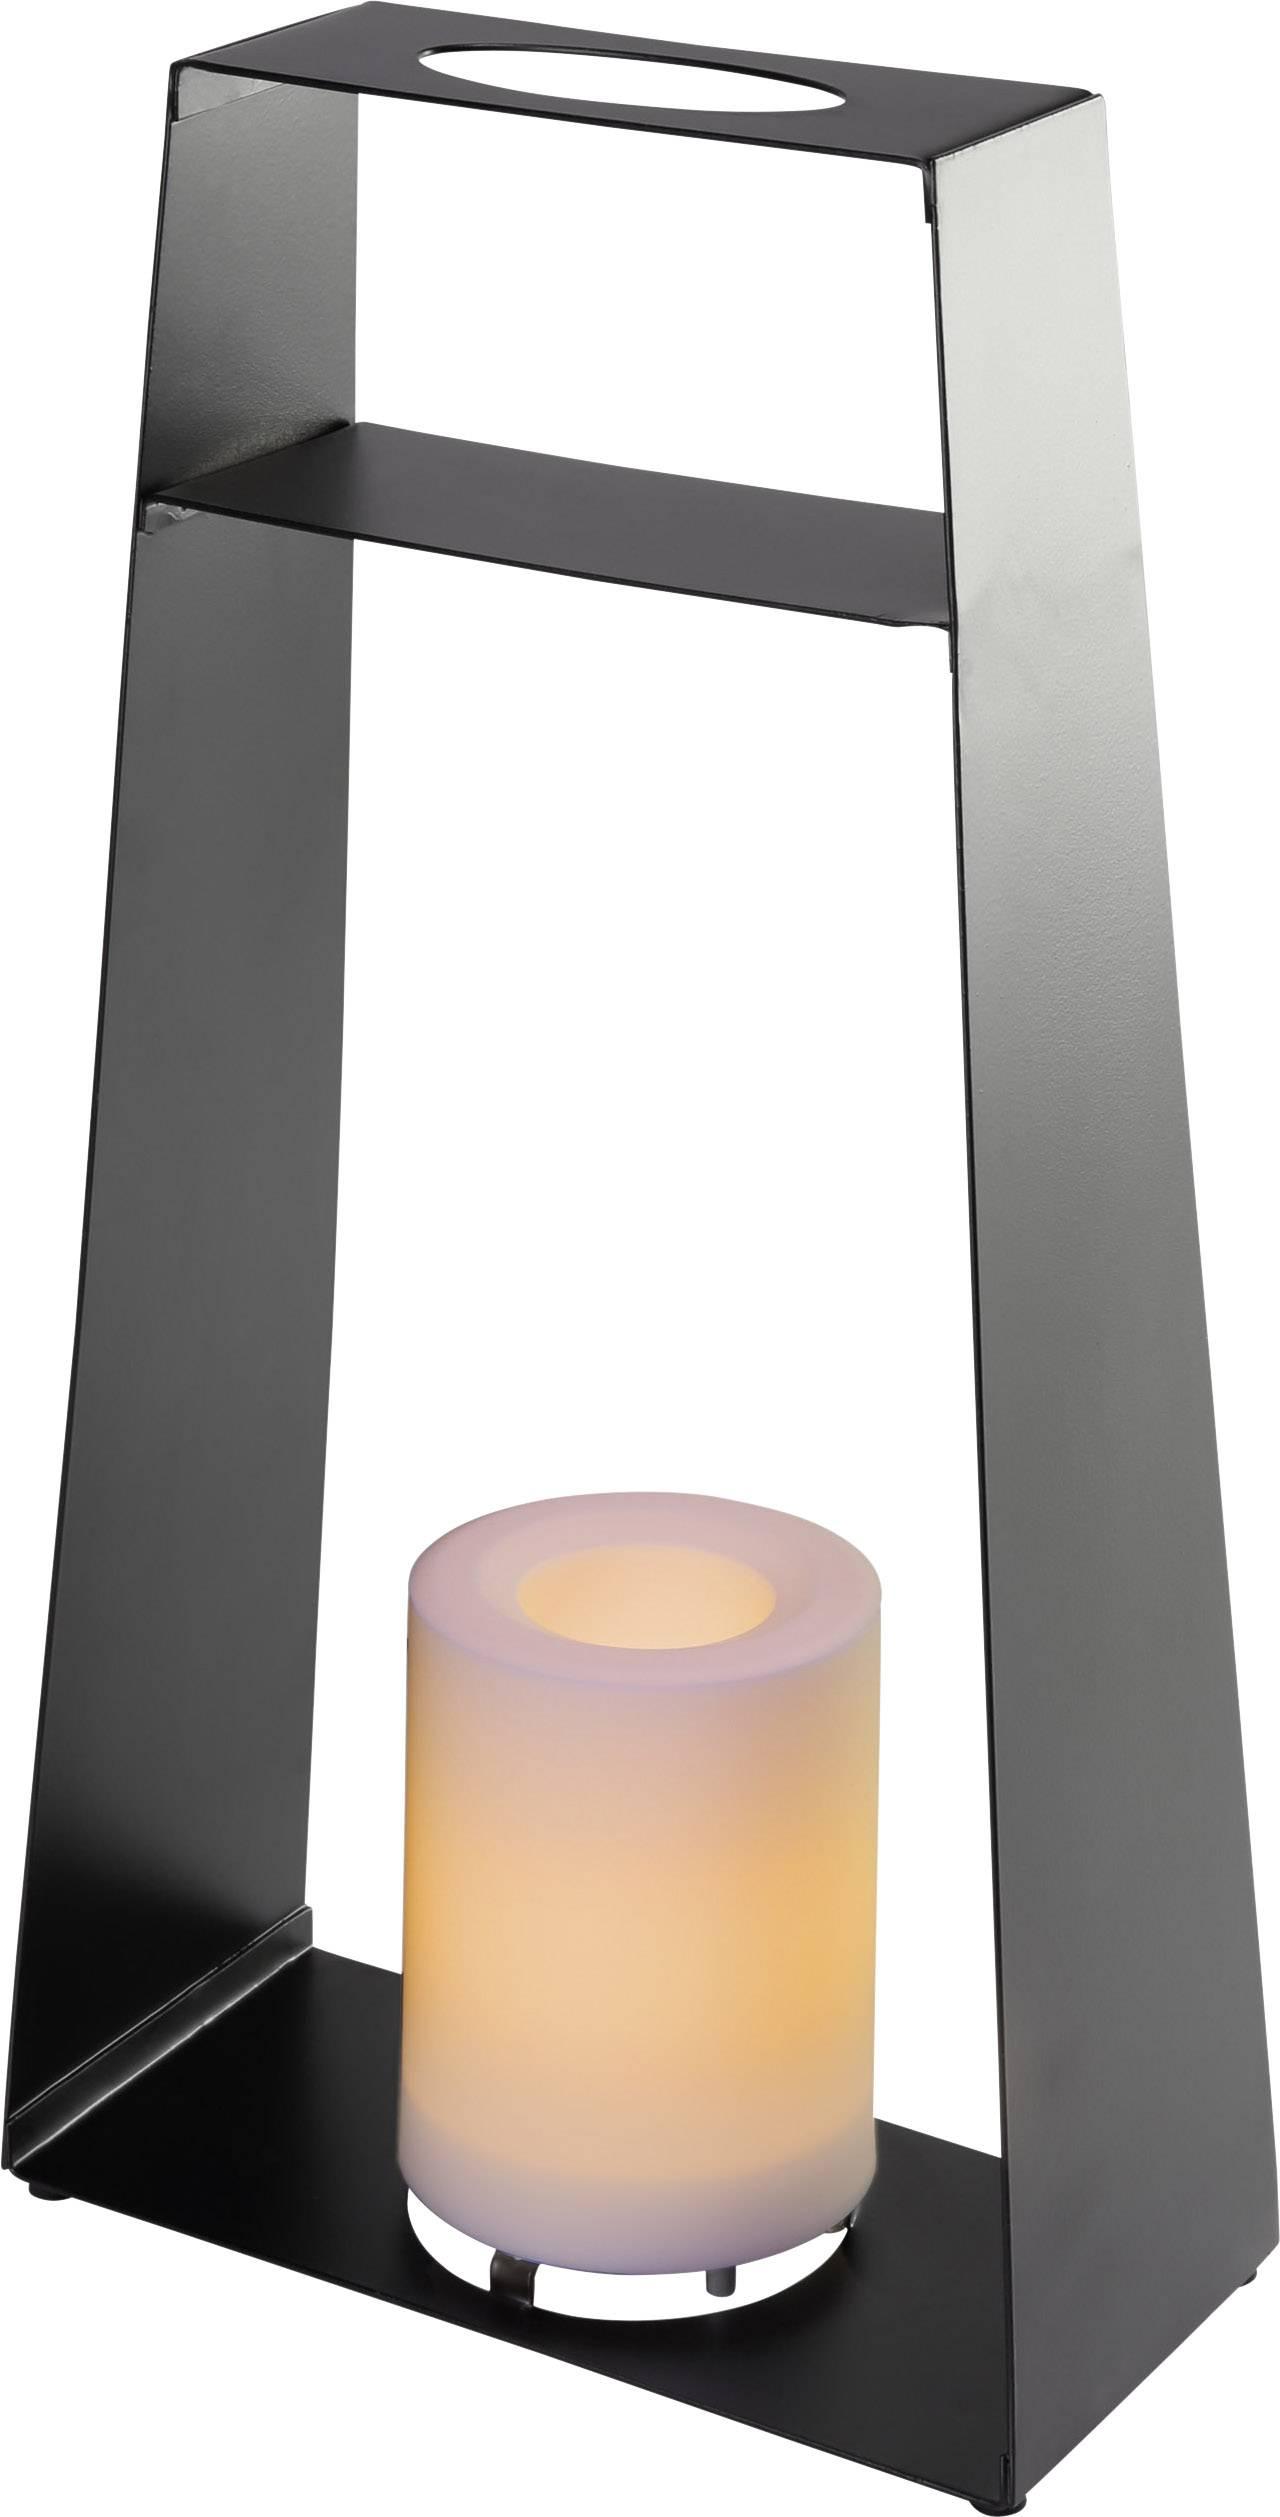 LED dekorační osvětlení Polarlite Iron 350 PL-8372820, tmavě hnědá